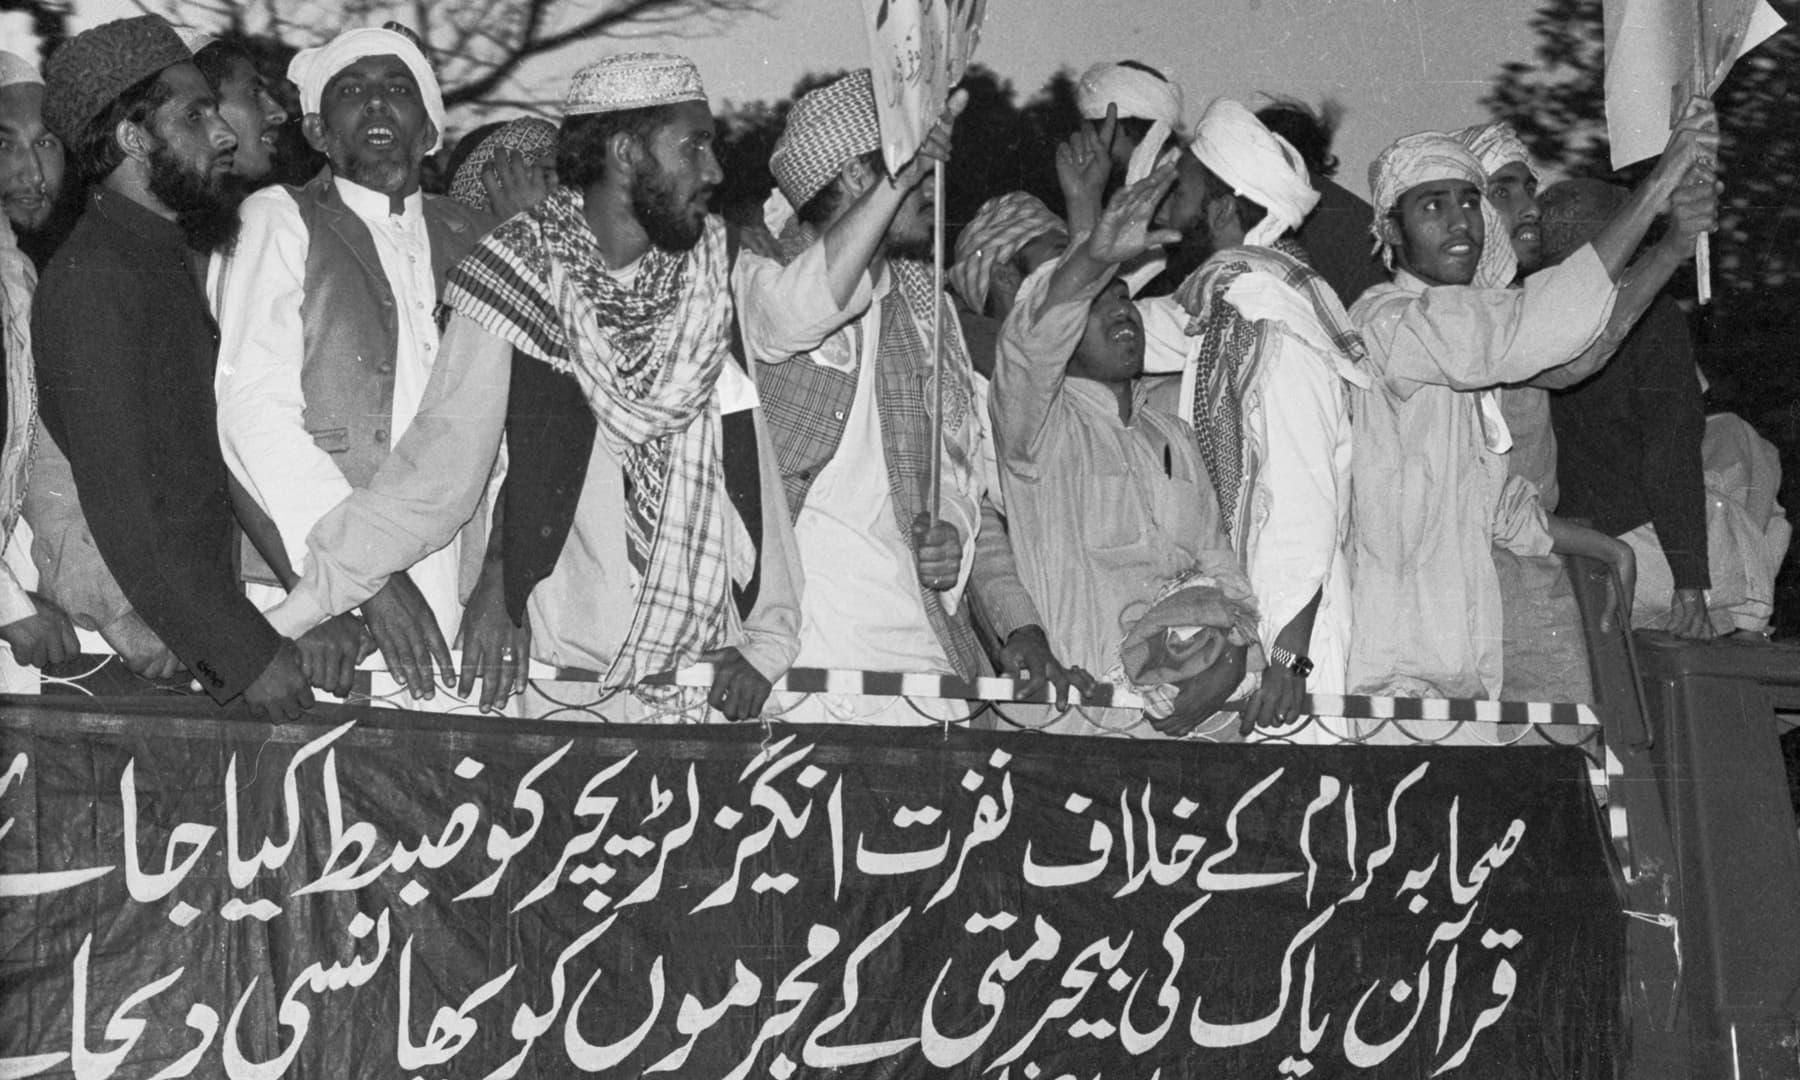 1983ء میں ضیا آمریت کے دوران کراچی میں بڑھکنے والے فرقہ وارانہ تشدد کی آگ کے بعدمظاہرین احتجاجی مظاہرہ کر رہے ہیں—تصویر بشکریہ سینئر فوٹوجرنلسٹ زاہد حسین